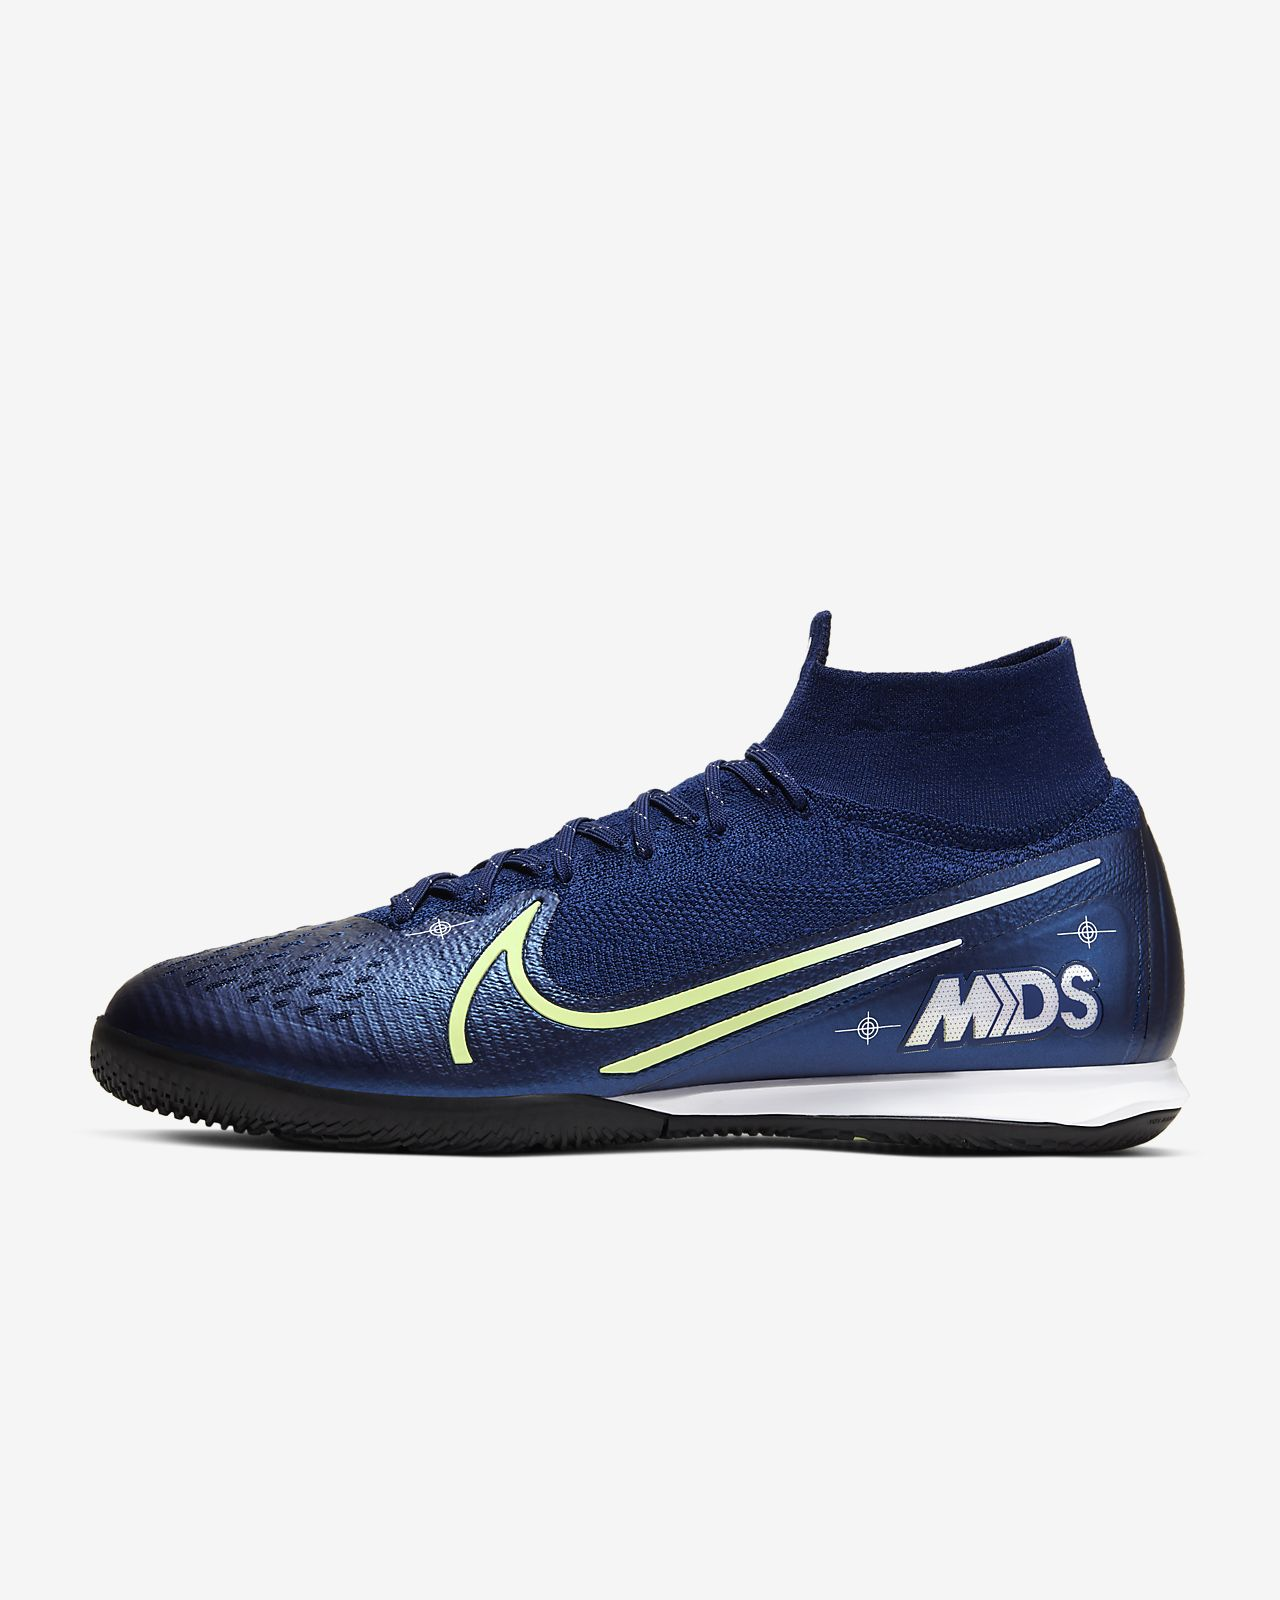 Nike Mercurial Superfly 7 Elite MDS IC fotballsko til innendørsbane/gate